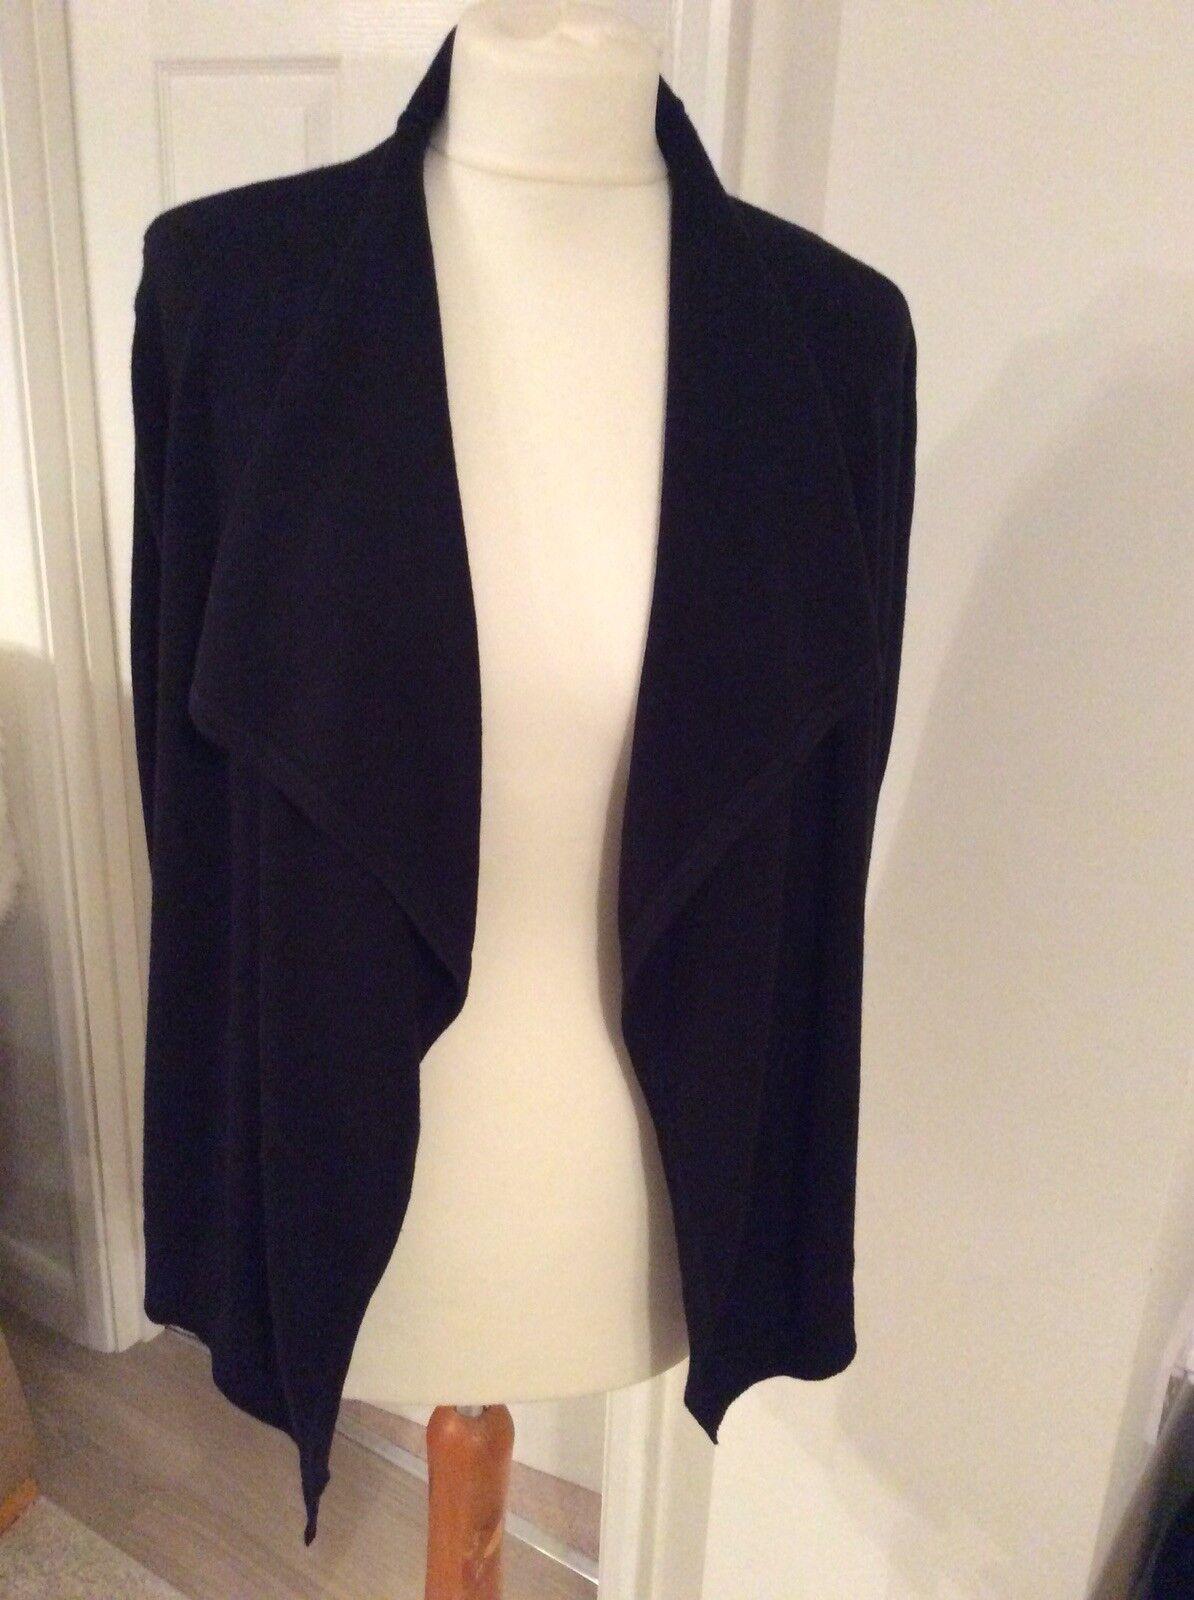 Ralph Lauren entièreHommest neuf sans étiquette noir veste voituredigan taille XS (UK6, 8) Véritable Qualité Cadeau